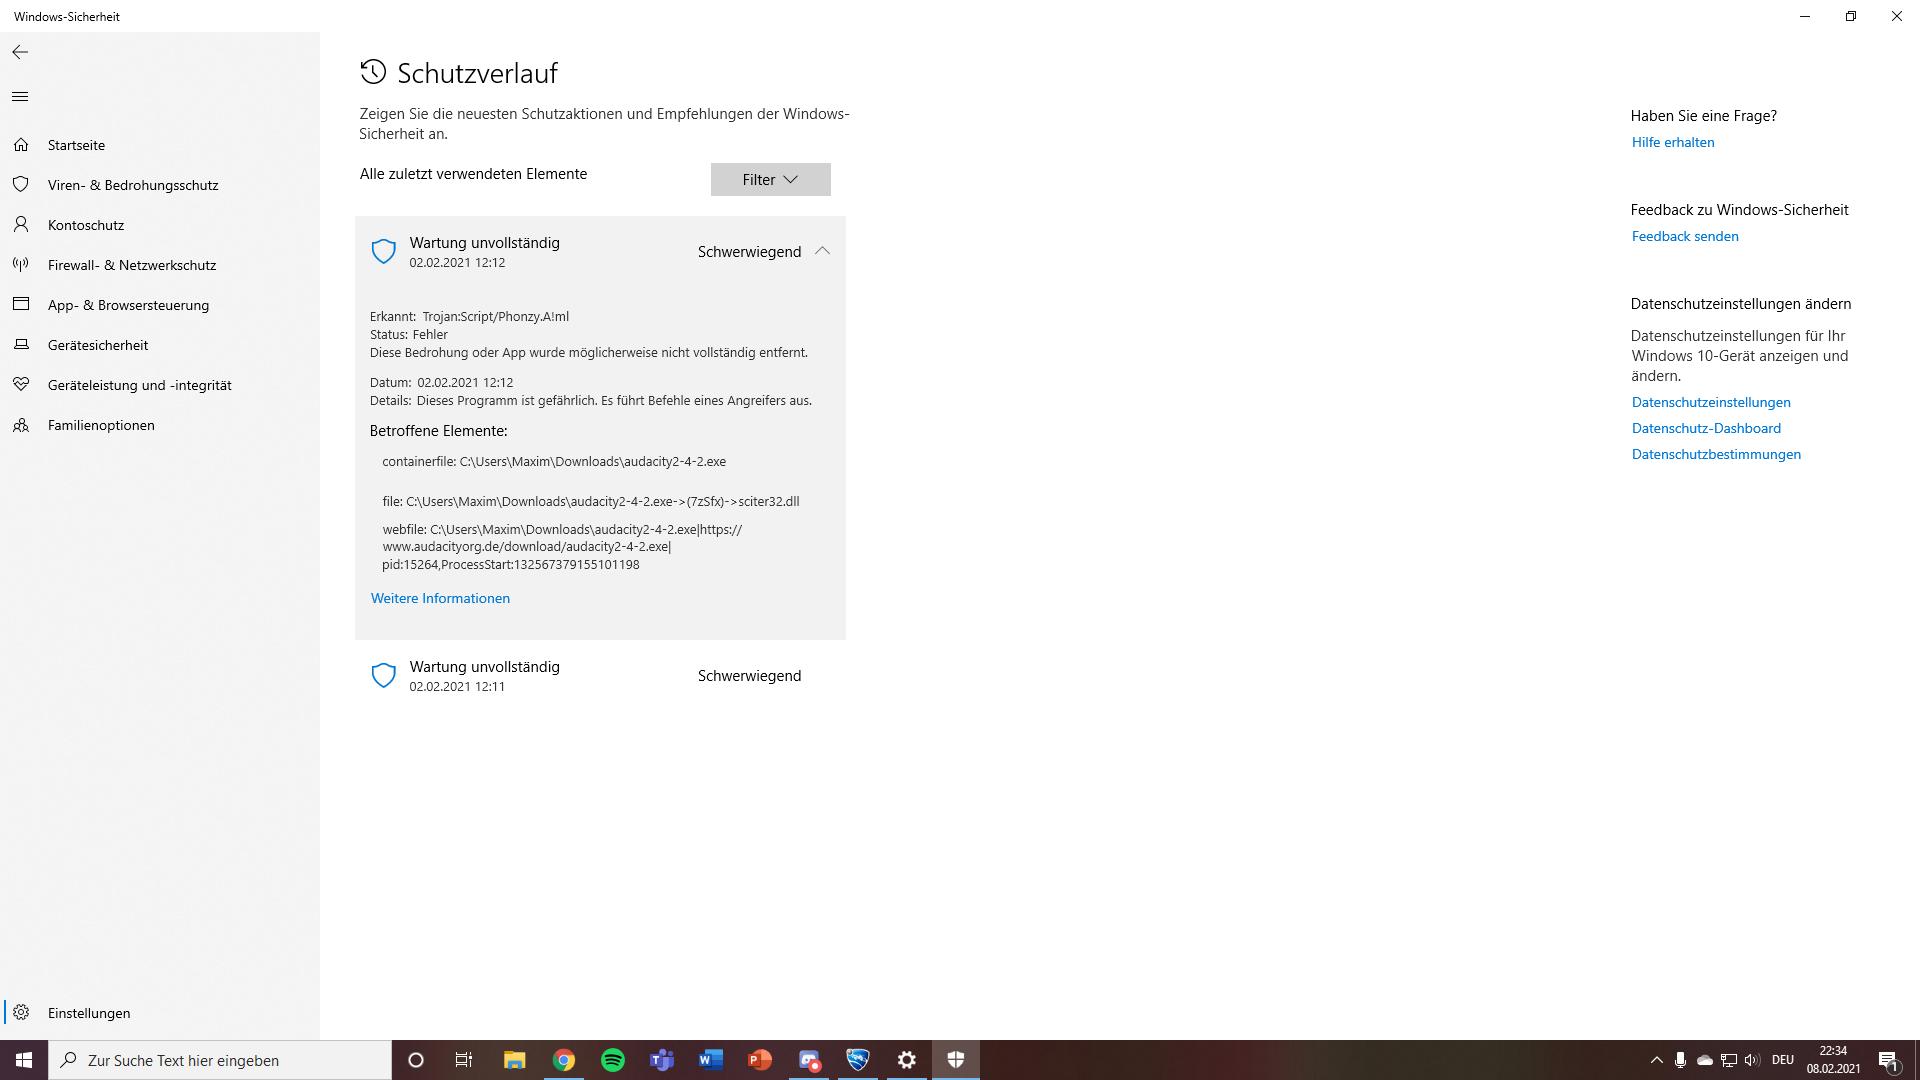 Windows Wartung unvollständig